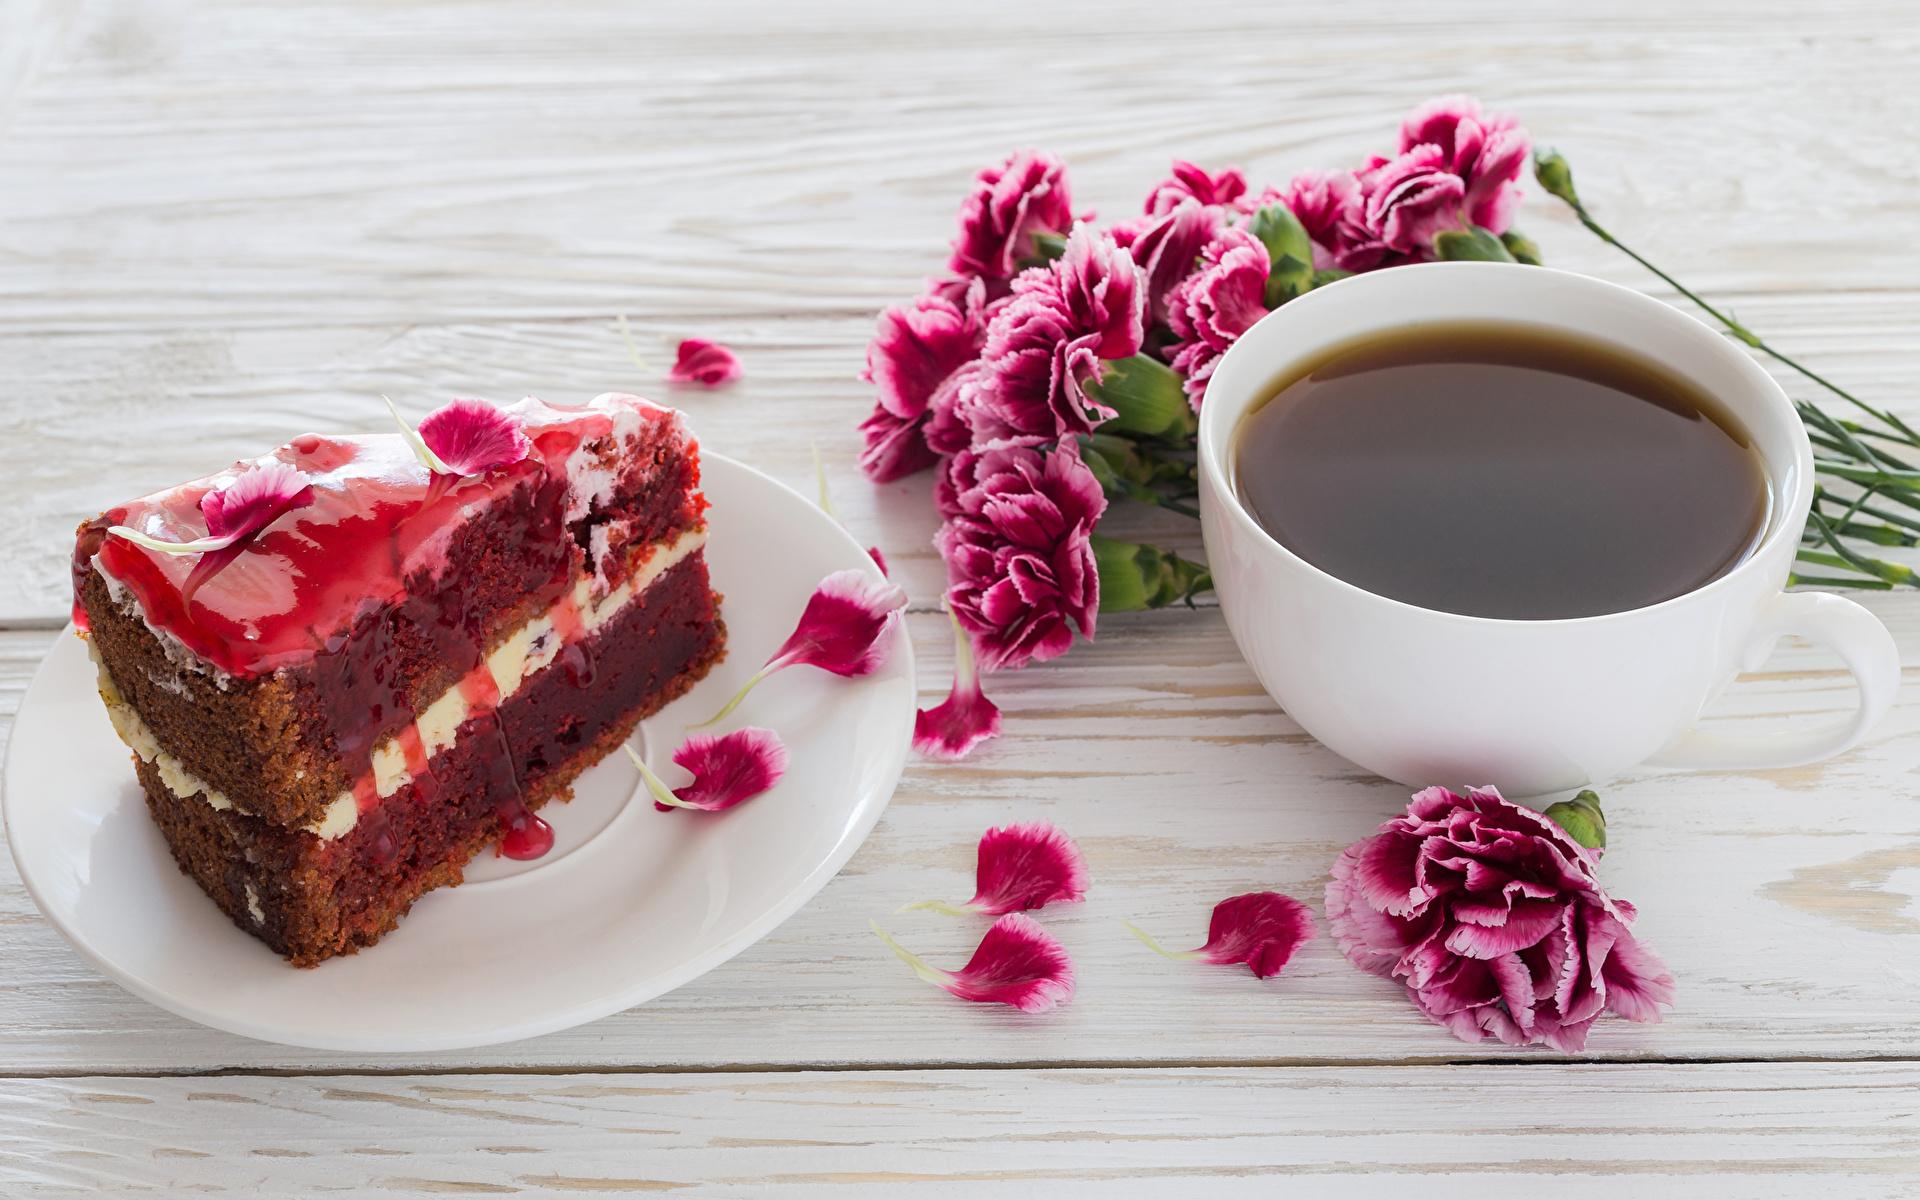 Фотография Кофе Торты Лепестки Кусок Гвоздики Еда Чашка Доски 1920x1200 часть Пища Продукты питания